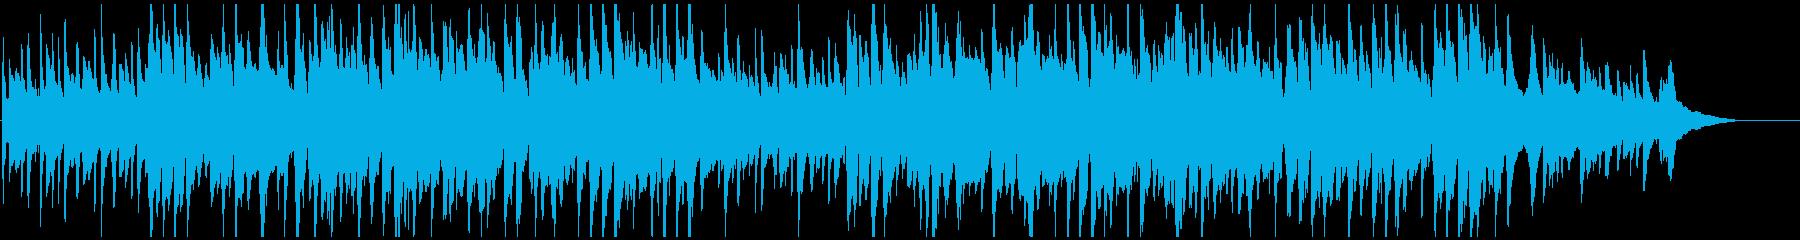 素朴で優しい鍵盤ハーモニカのふるさとの再生済みの波形